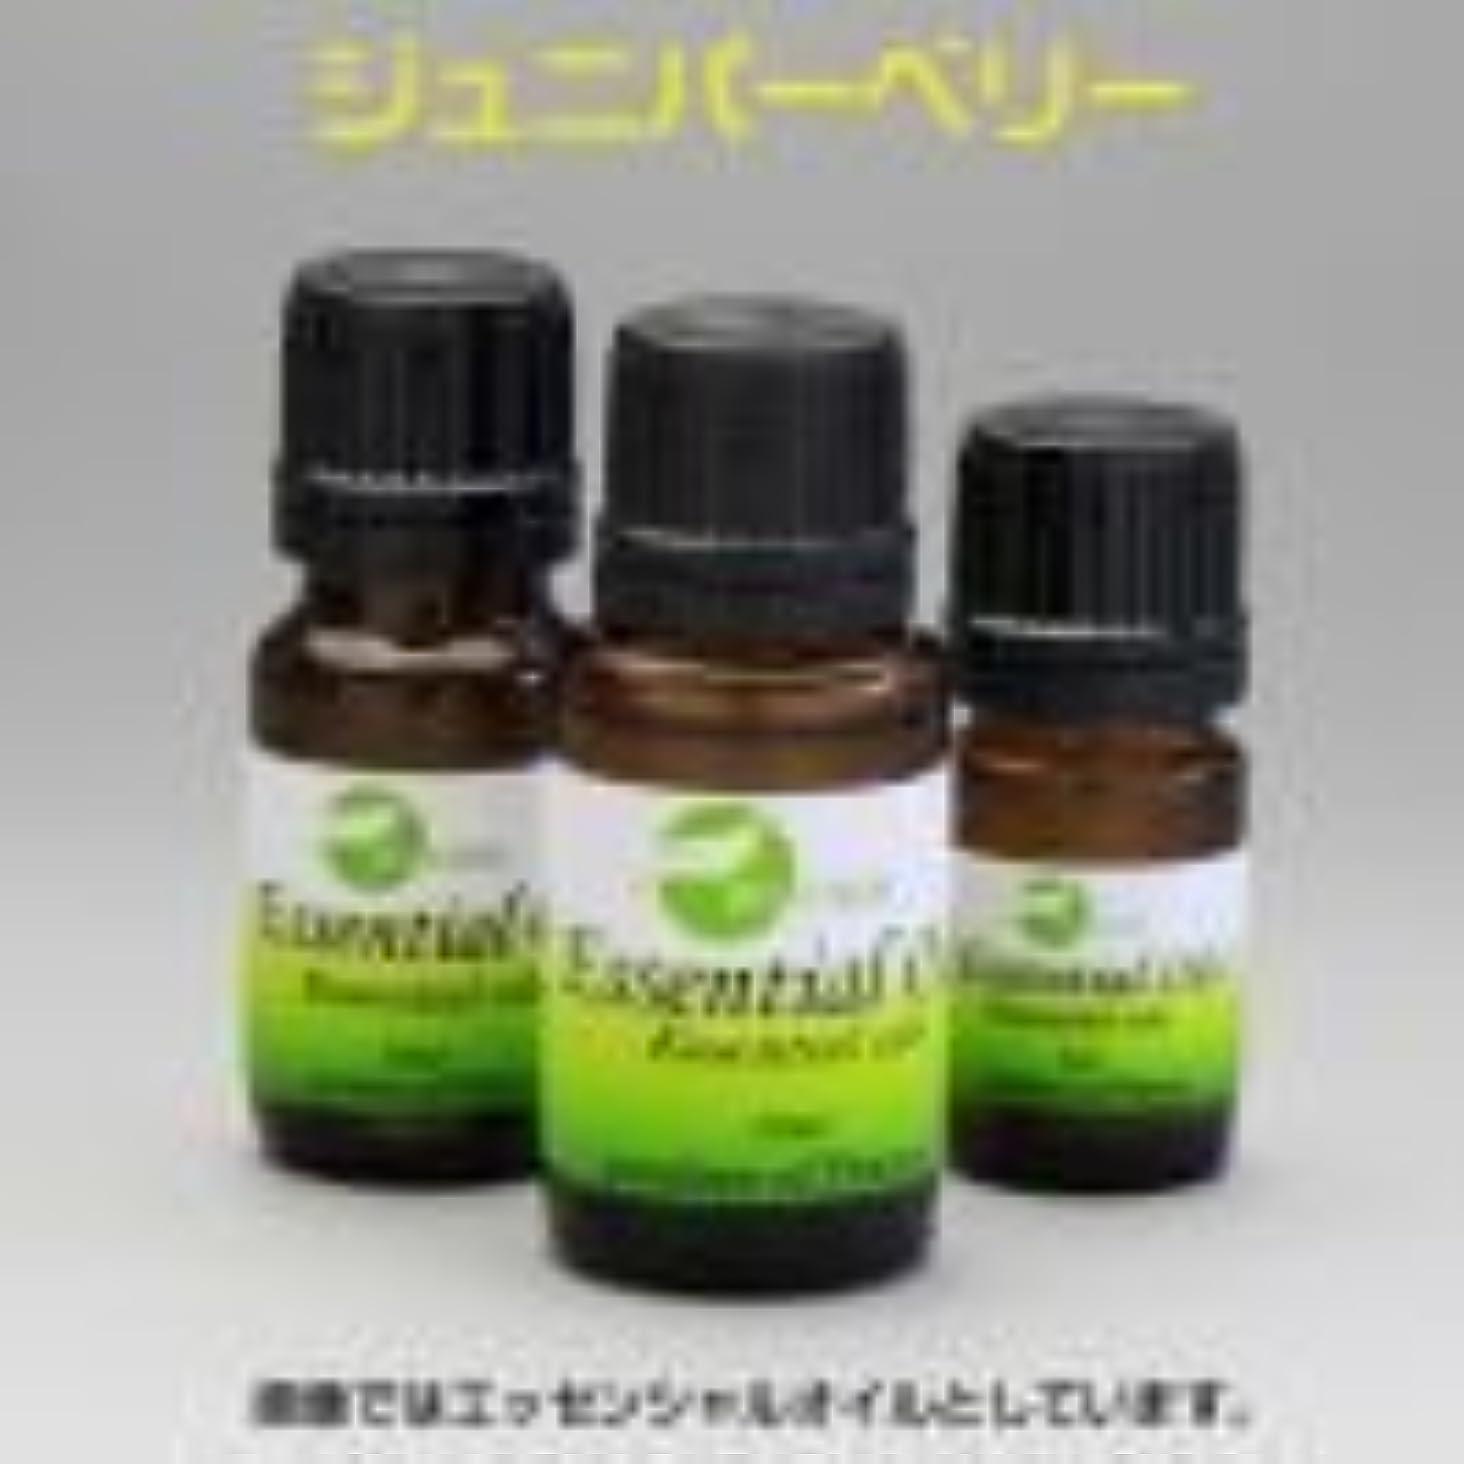 ぺディカブ奴隷粘着性[エッセンシャルオイル] 松の針葉に似たフレッシュな樹脂の香り ジュニパーベリー 15ml